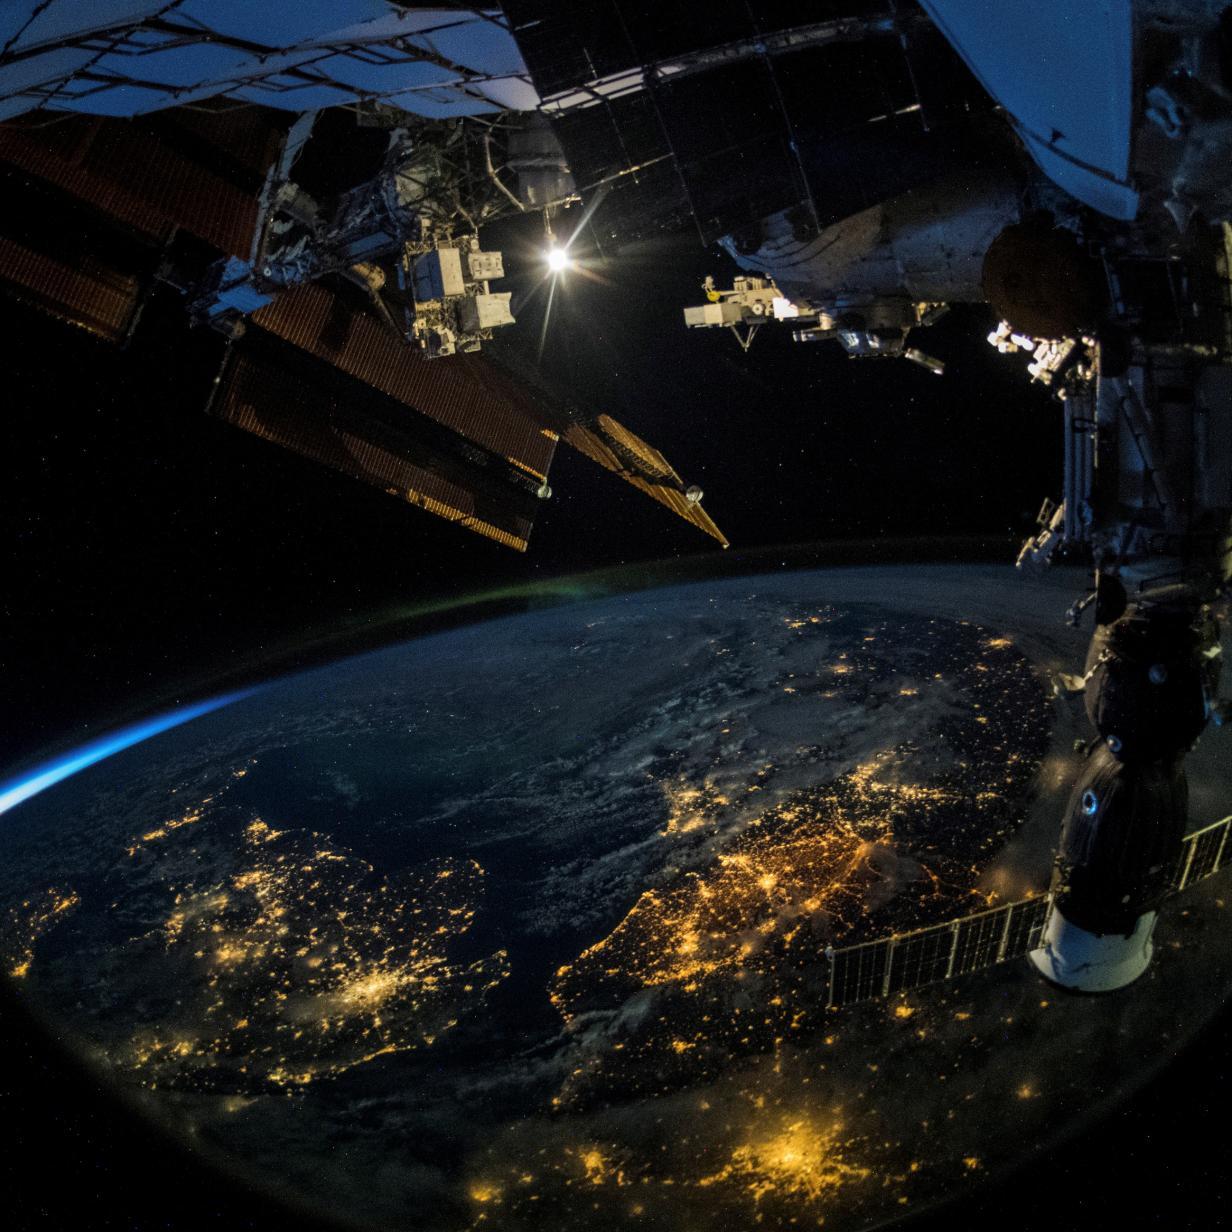 Künstliches Licht könnte Aliens auf Erde aufmerksam machen